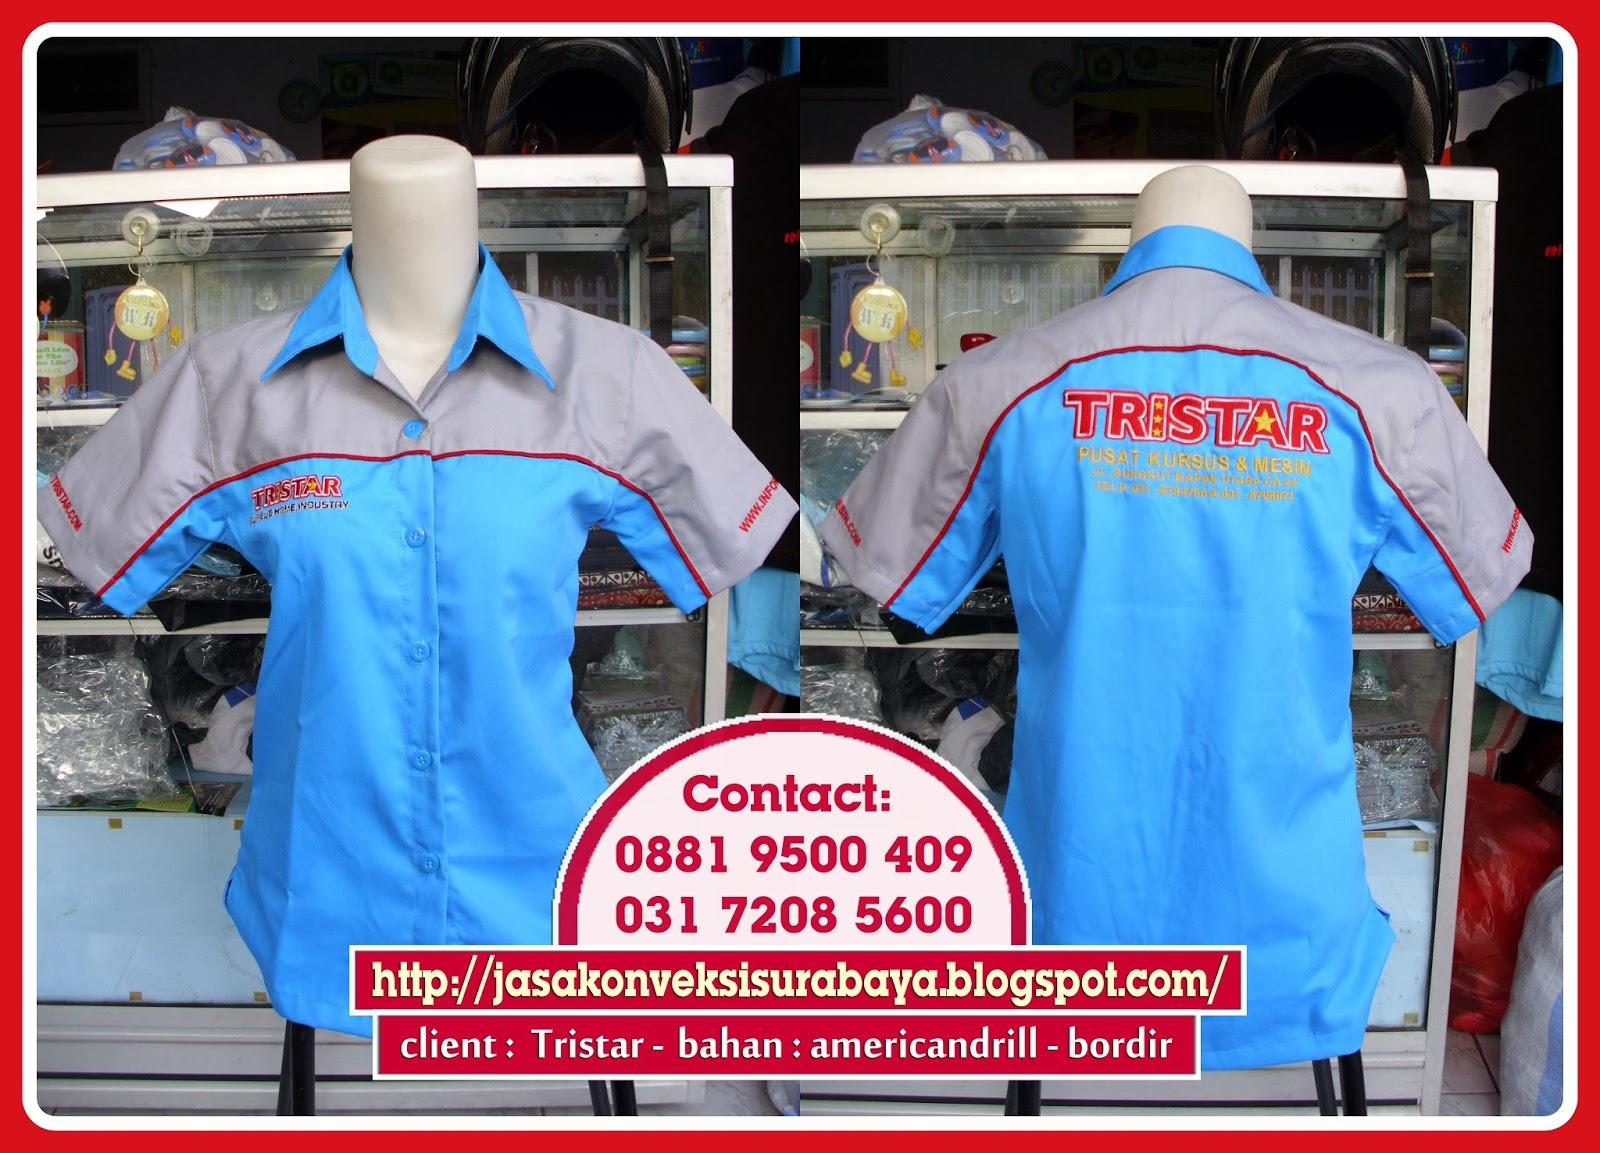 supplier seragam kemeja kerja murah- supplier seragam kemeja kerja bordir - supplier seragam kemeja kerja surabaya, pesan seragam kerja,